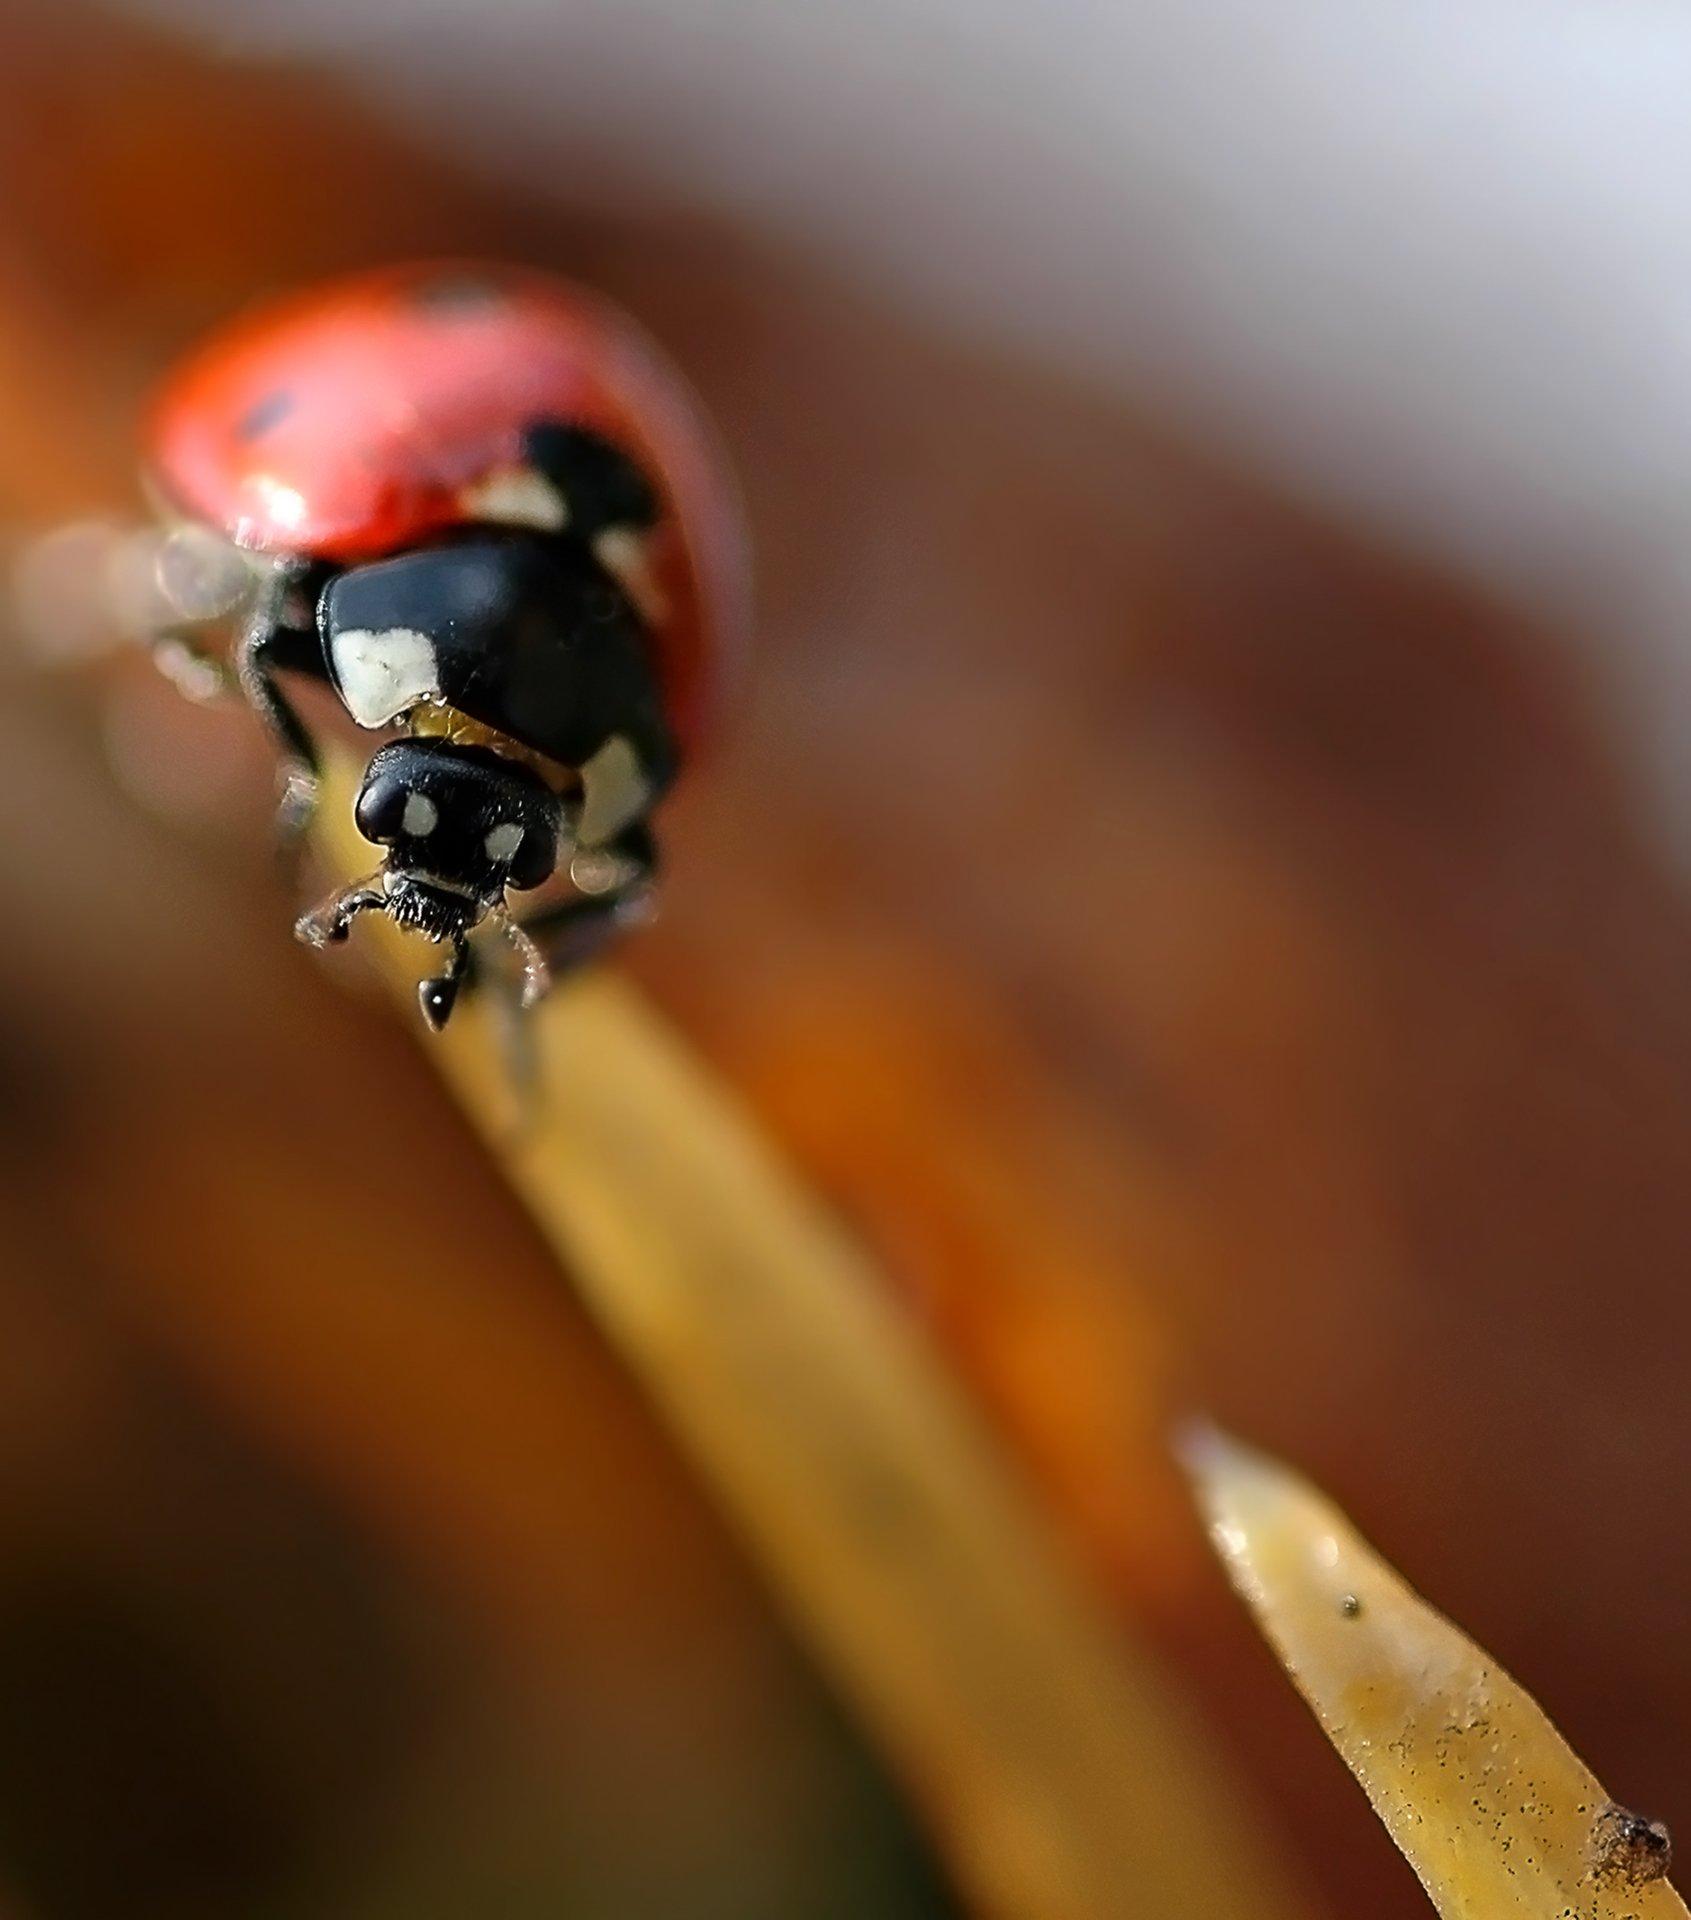 природа, макро, насекомые, жук, божья коровка, формула 1,, Неля Рачкова